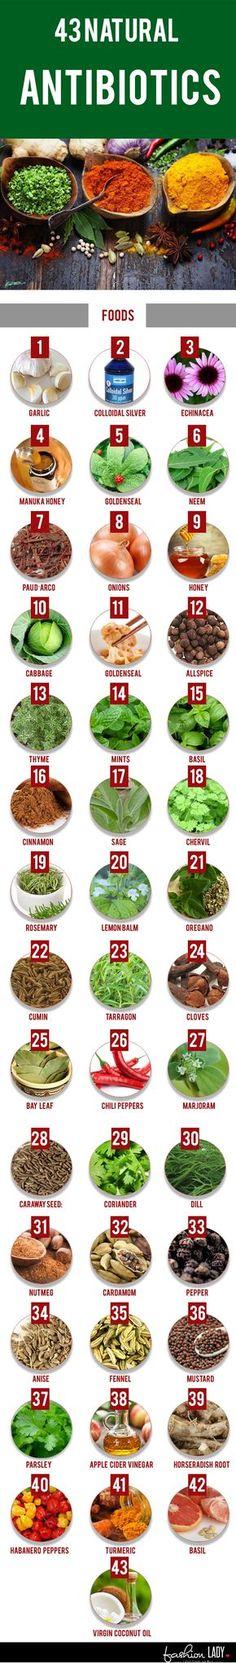 43 Natural Antibiotics